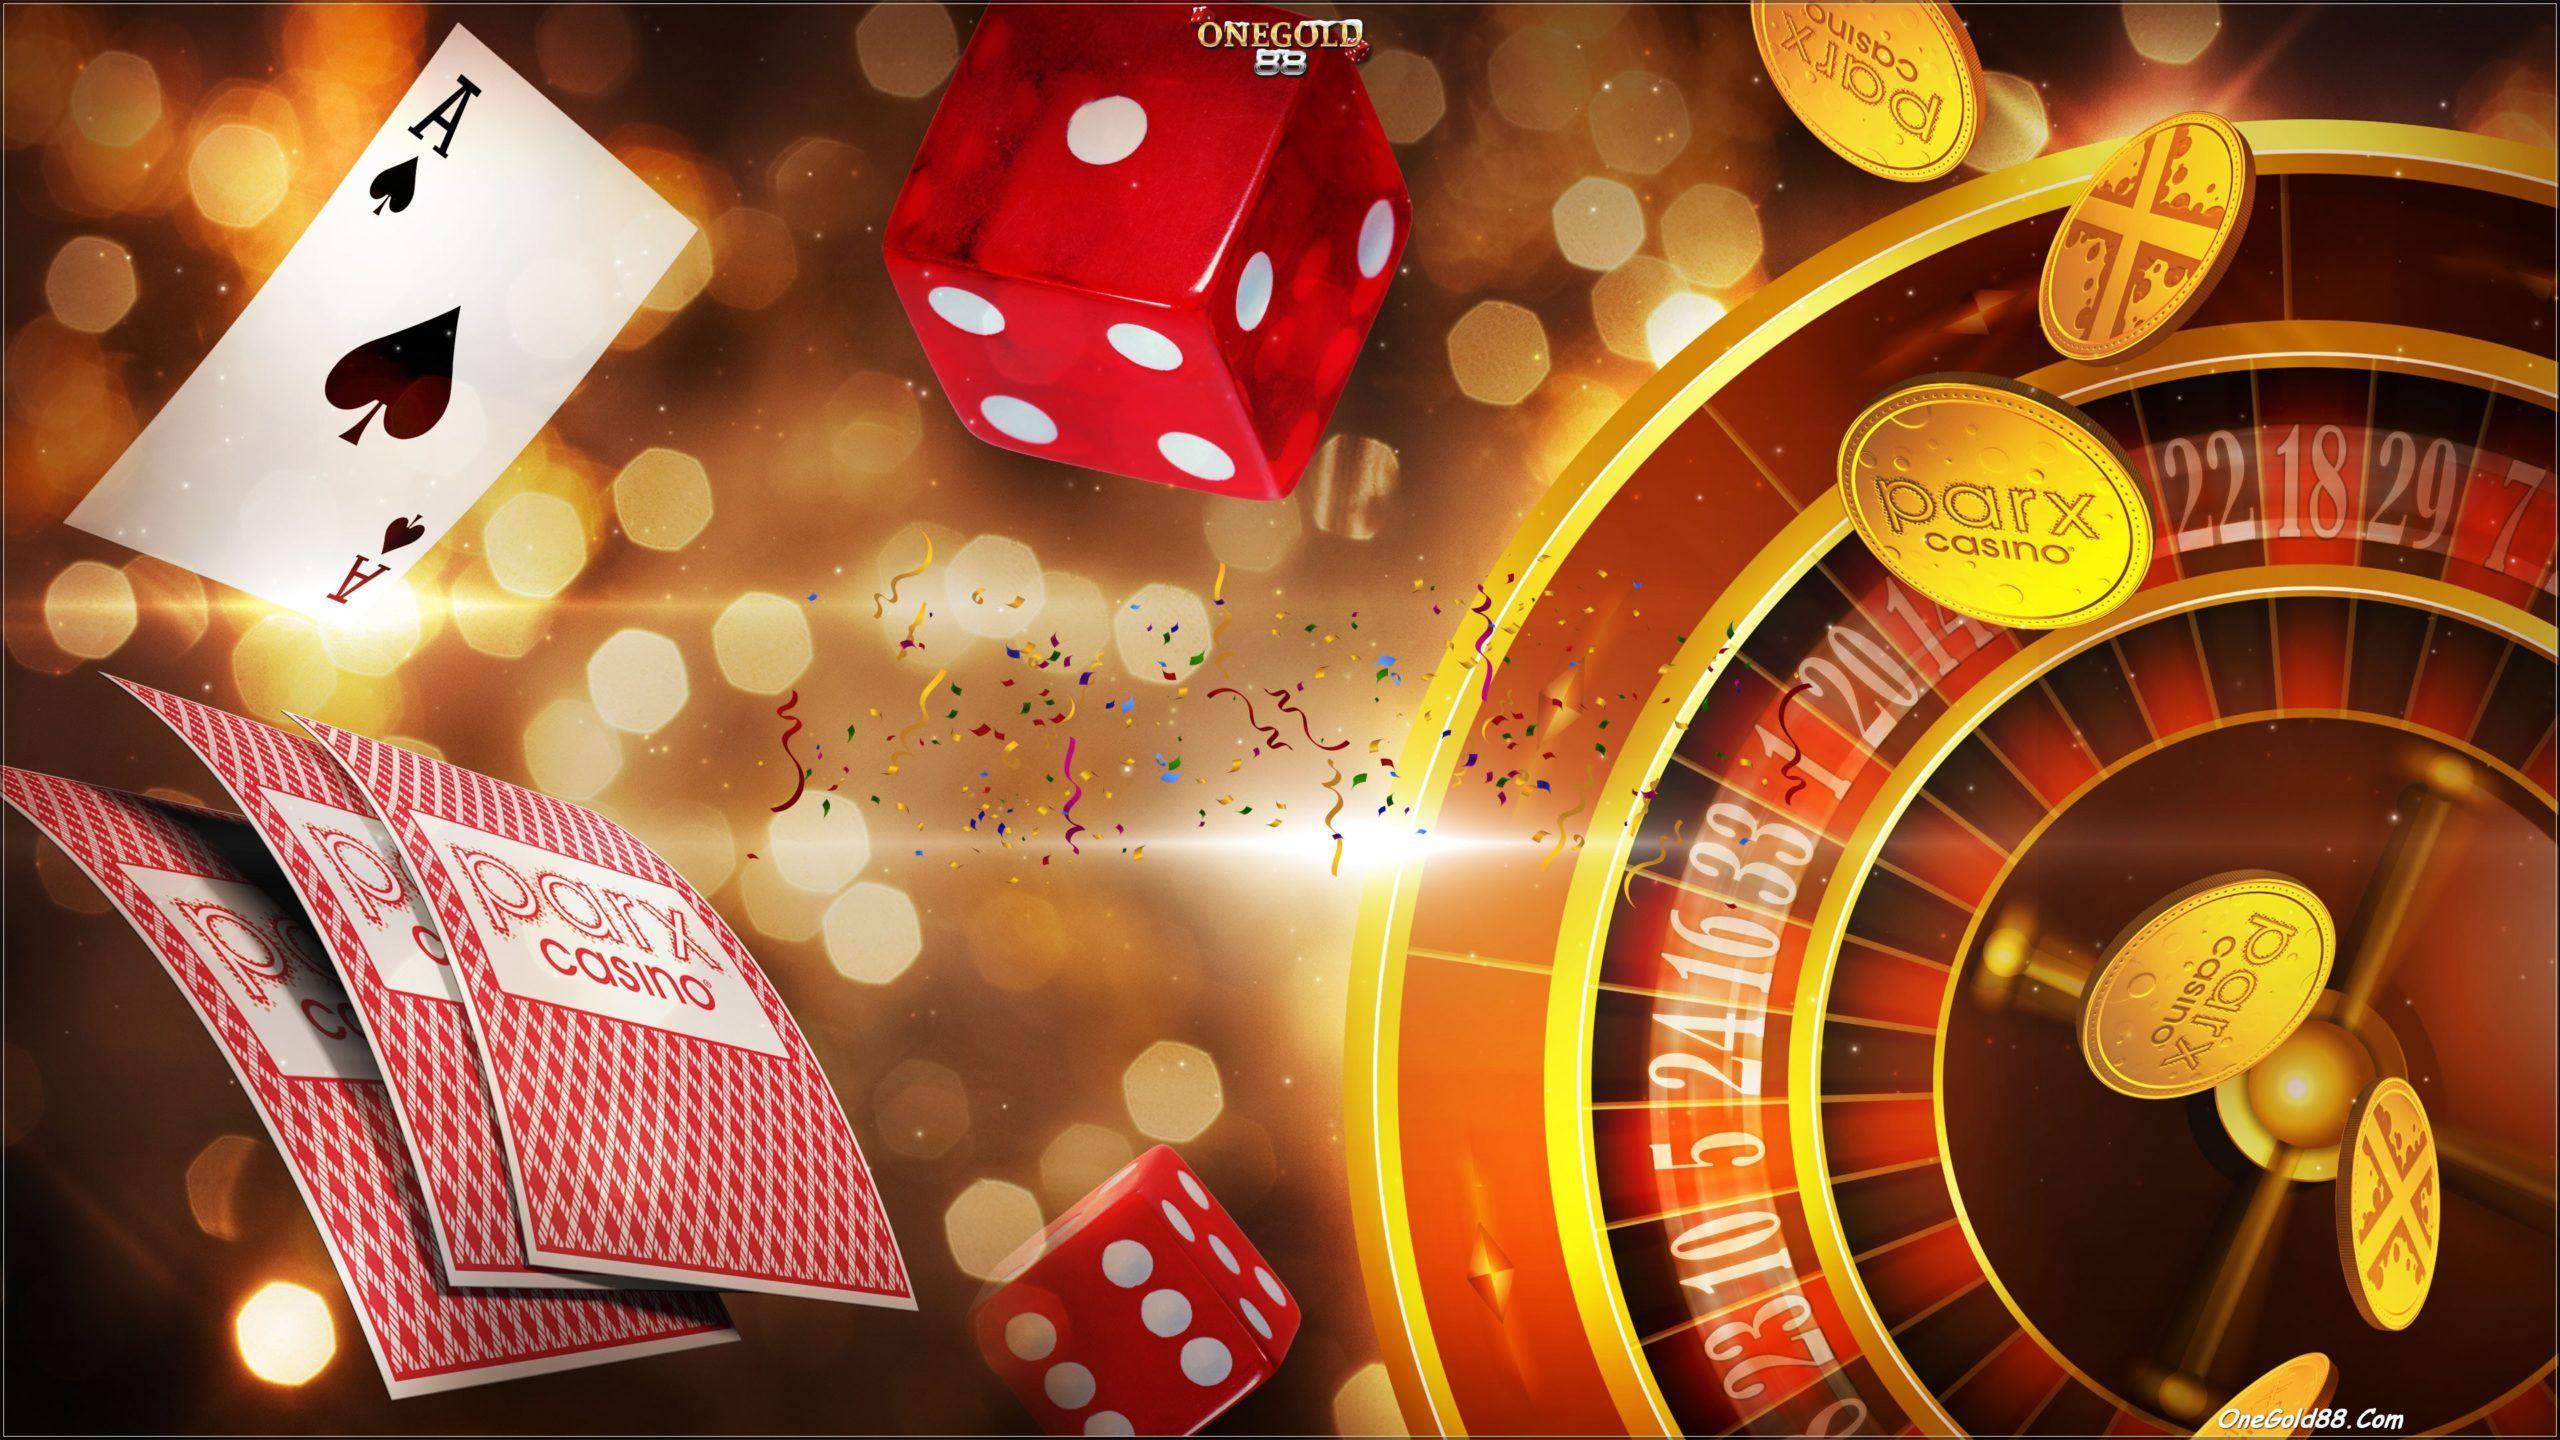 Star games bet casinos 12868